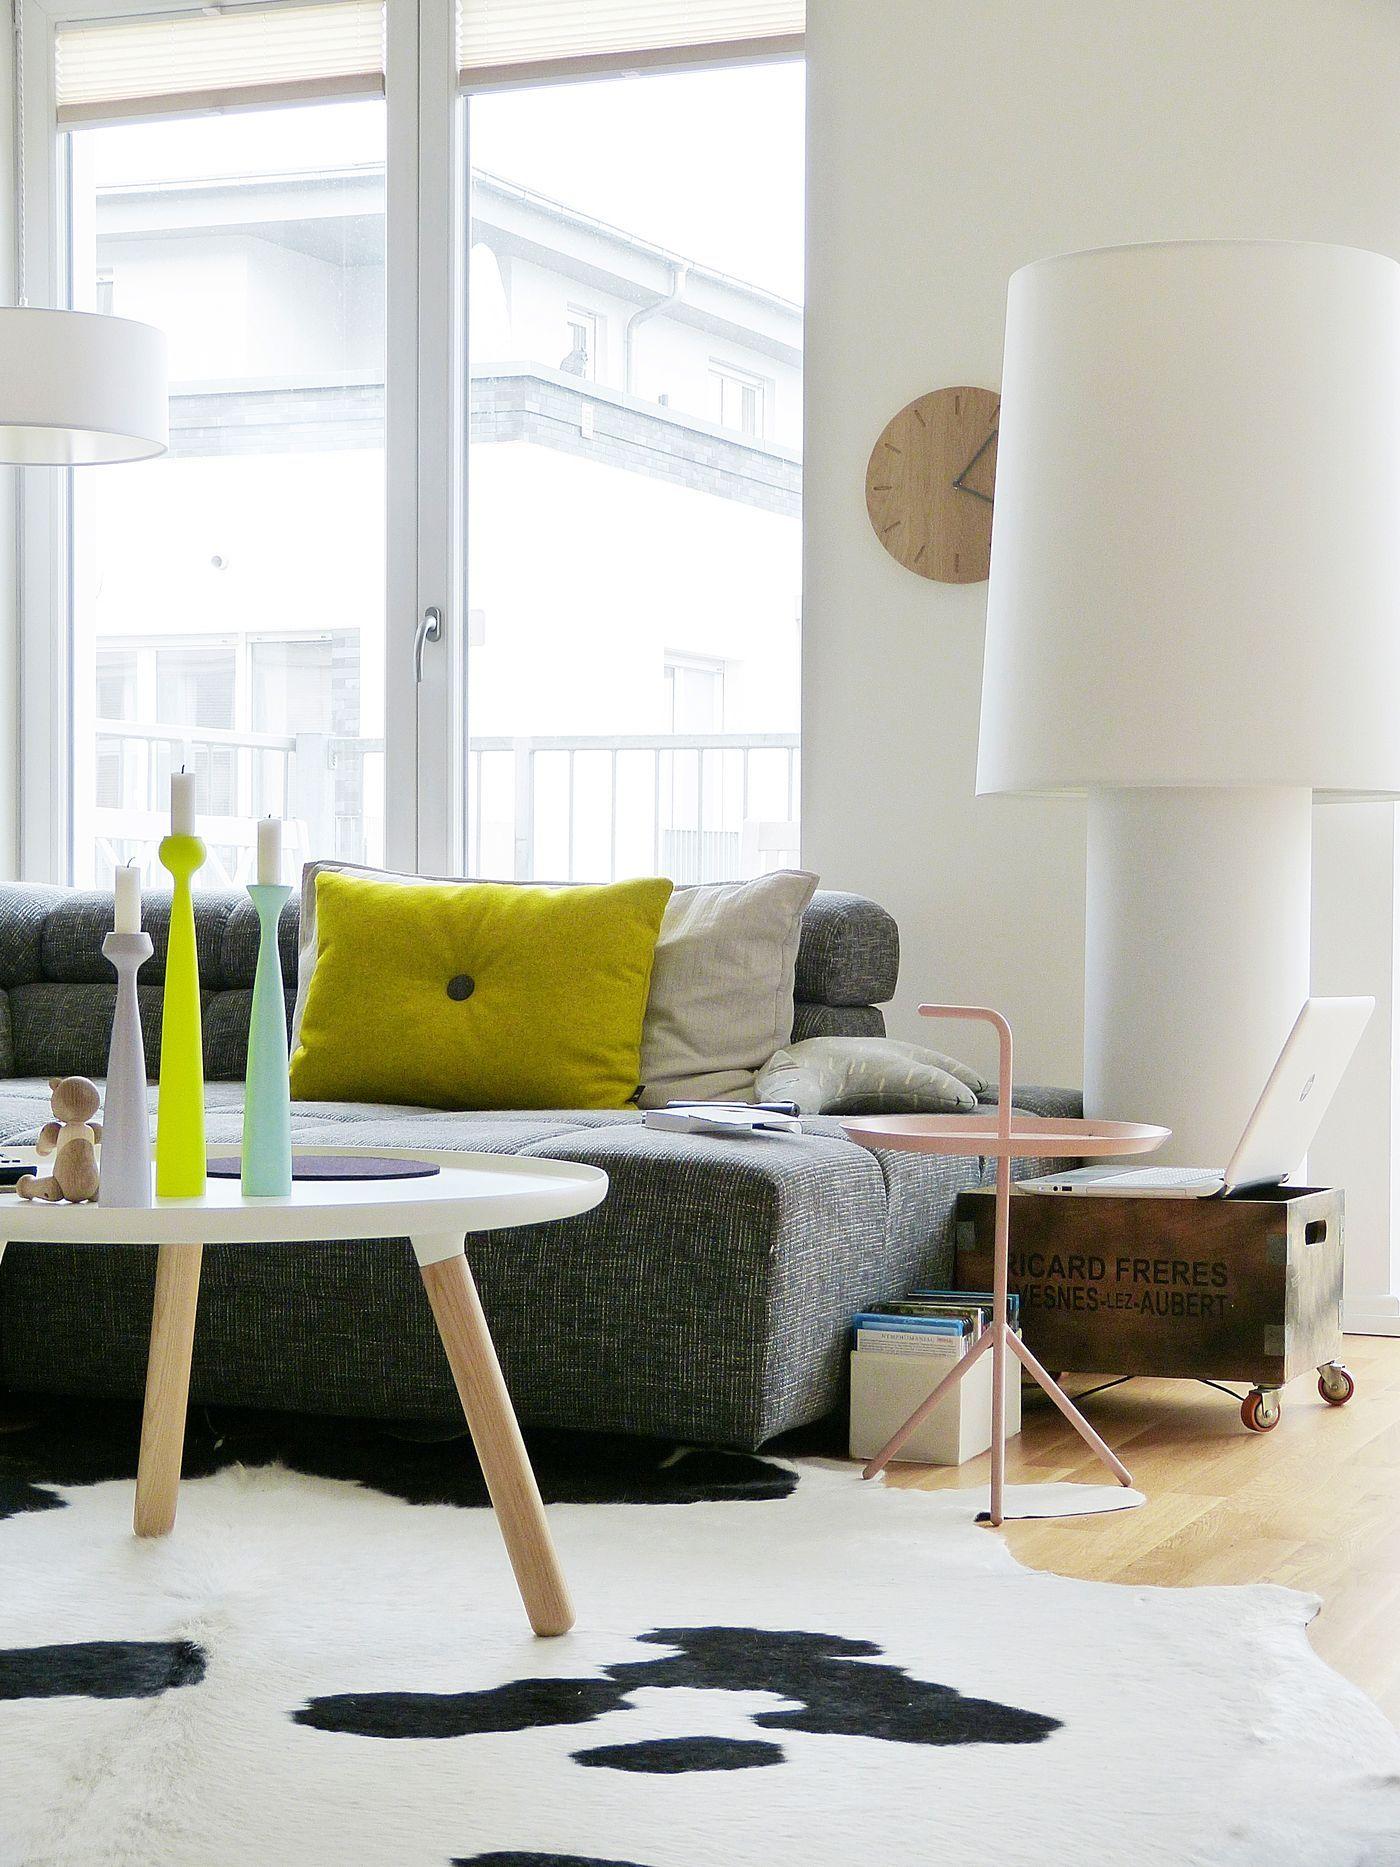 rinderfell teppich fabulous teppiche kuhfell rinderfell devore trkis beige ein von suggaloaf. Black Bedroom Furniture Sets. Home Design Ideas